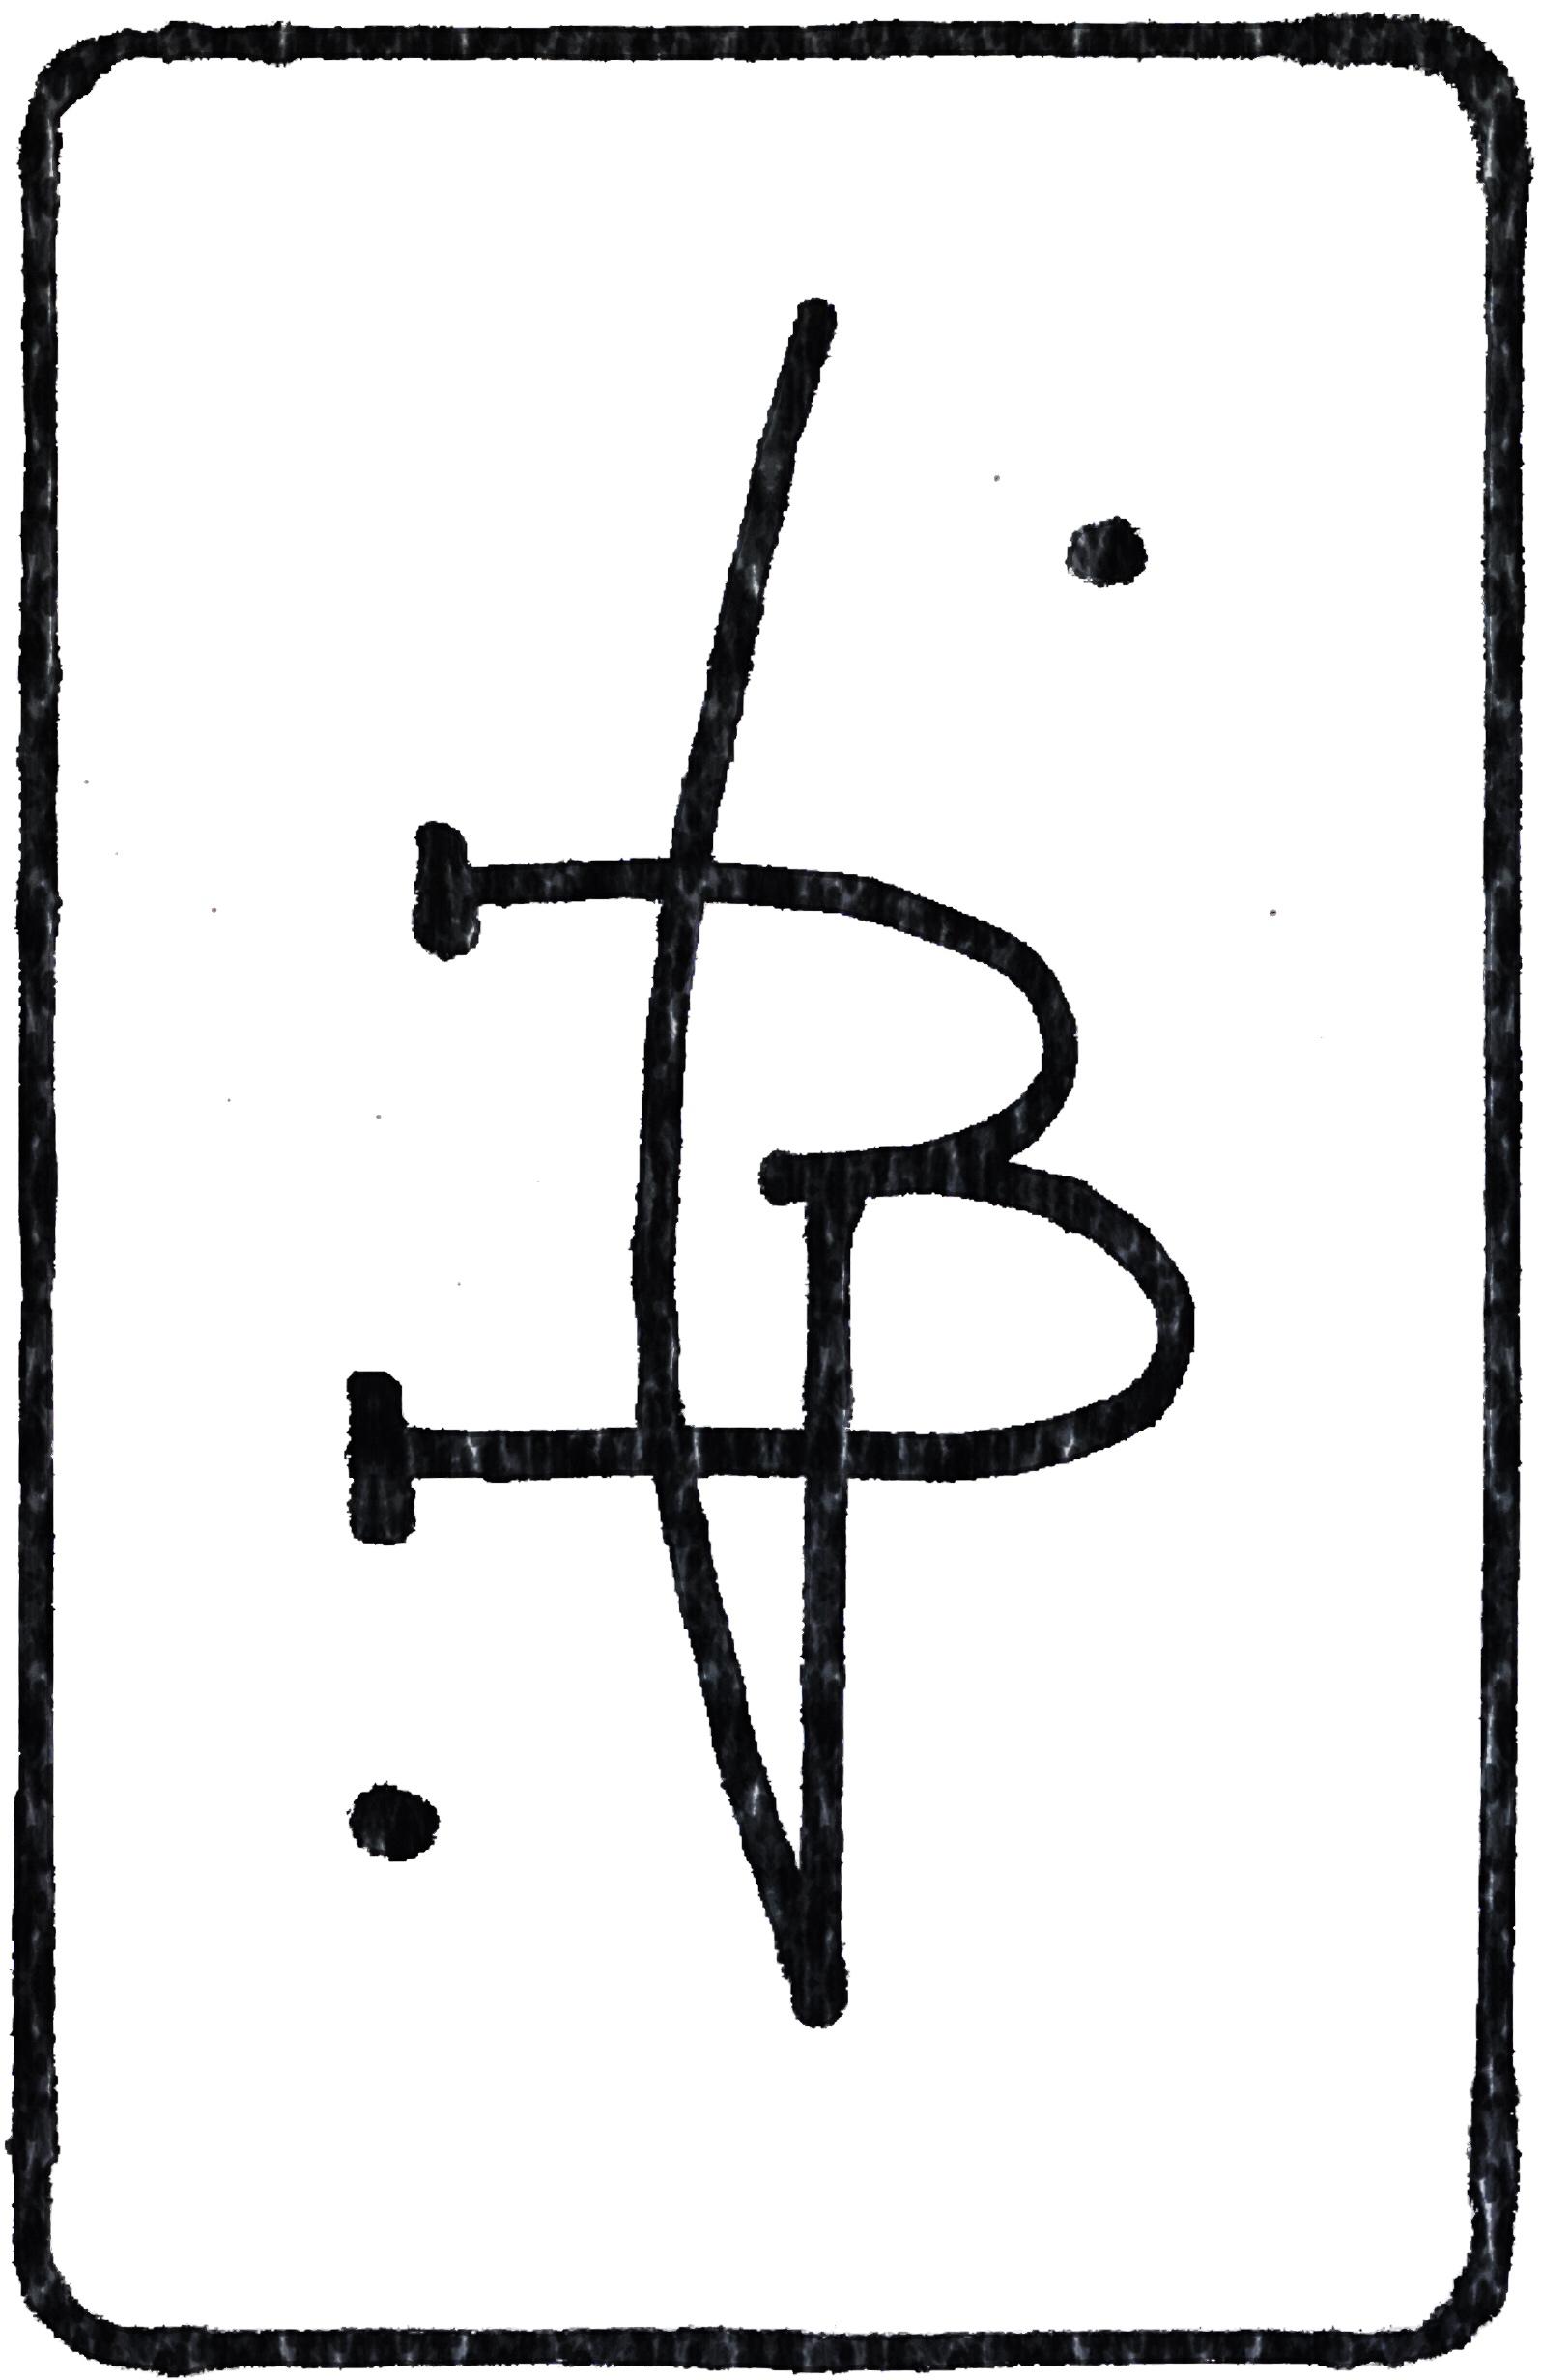 gregory_brun_stamp